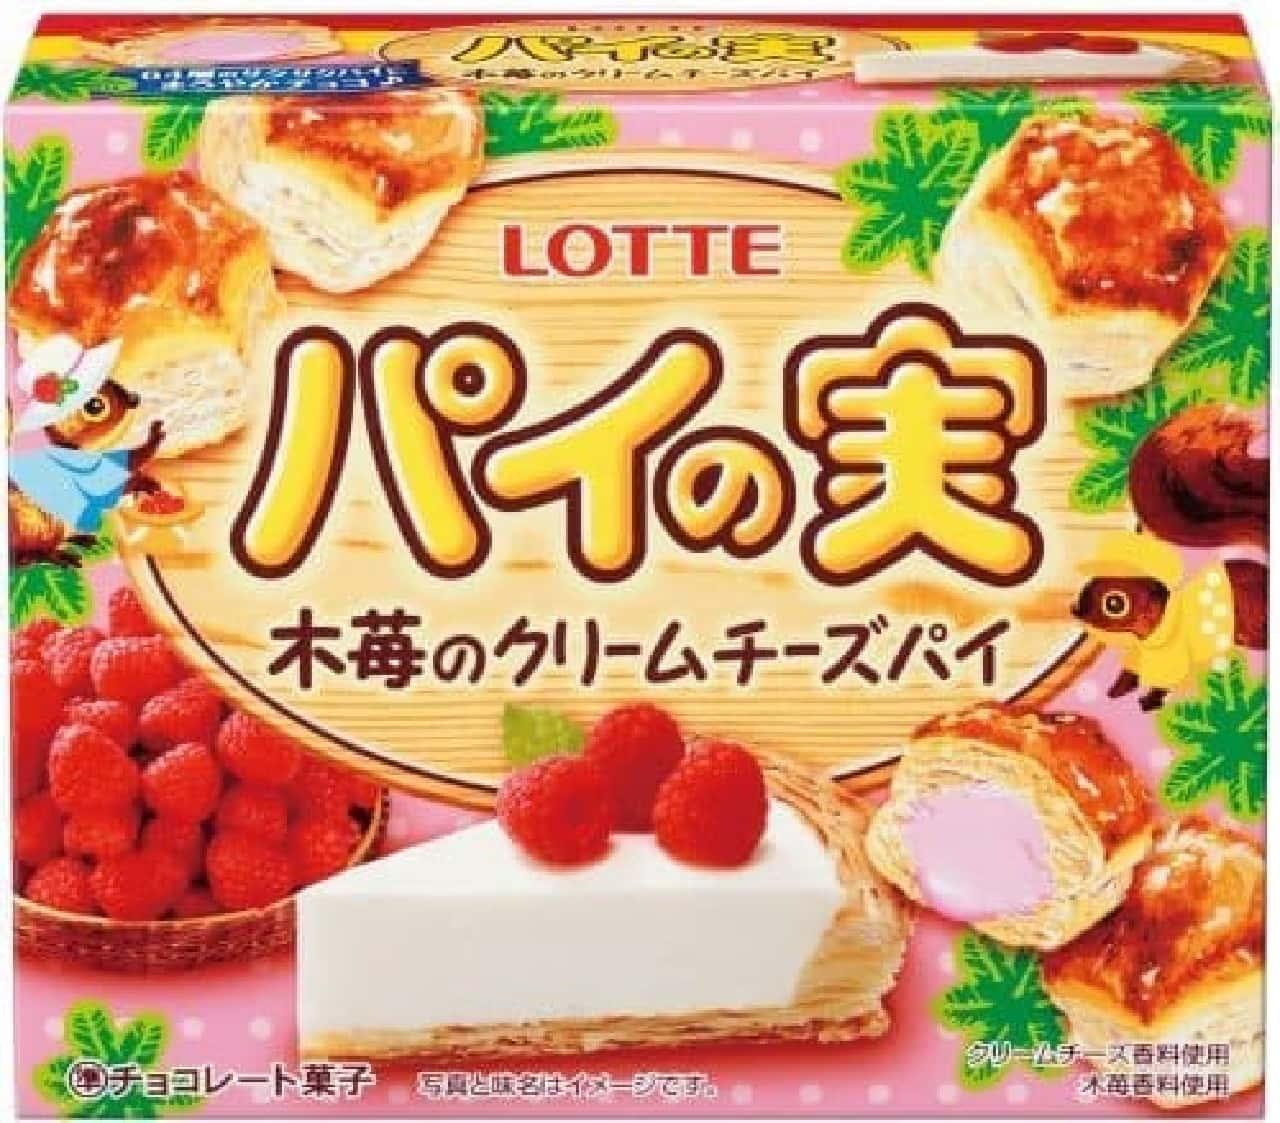 パイの実から、木苺×クリームチーズの新フレーバー